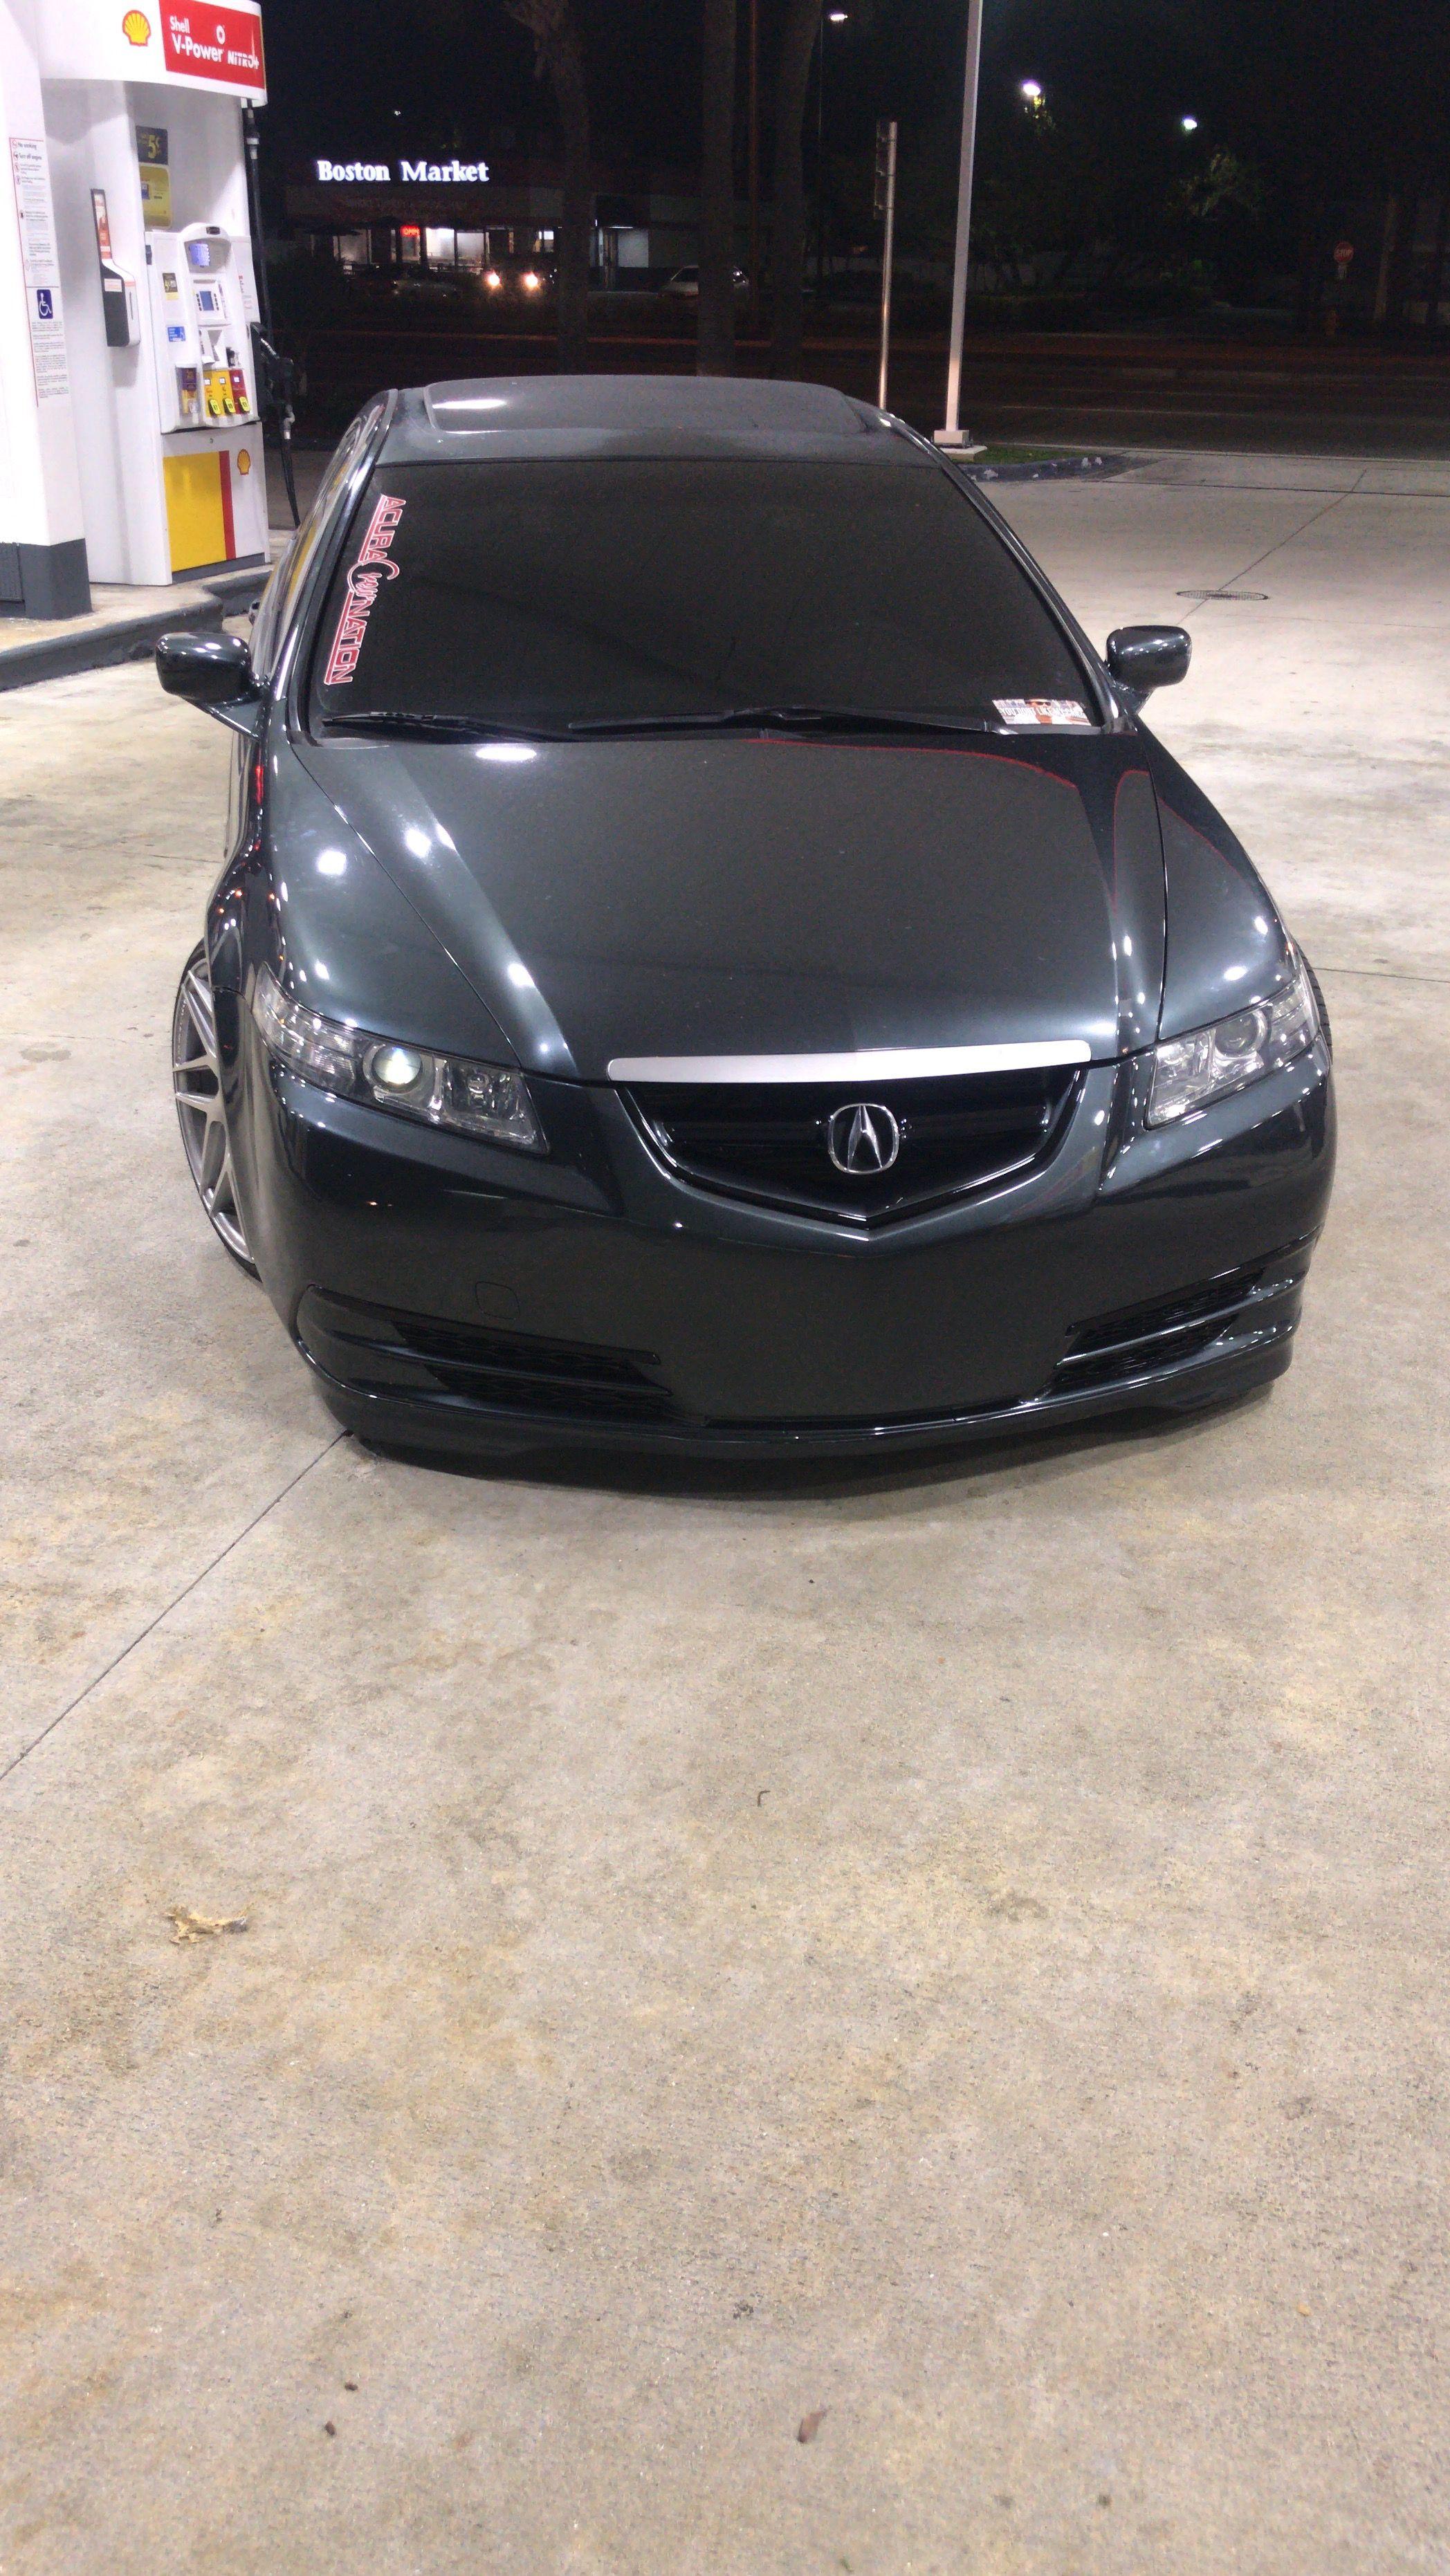 medium resolution of 2005 acura tl custom 2017 acura tlx front bumper